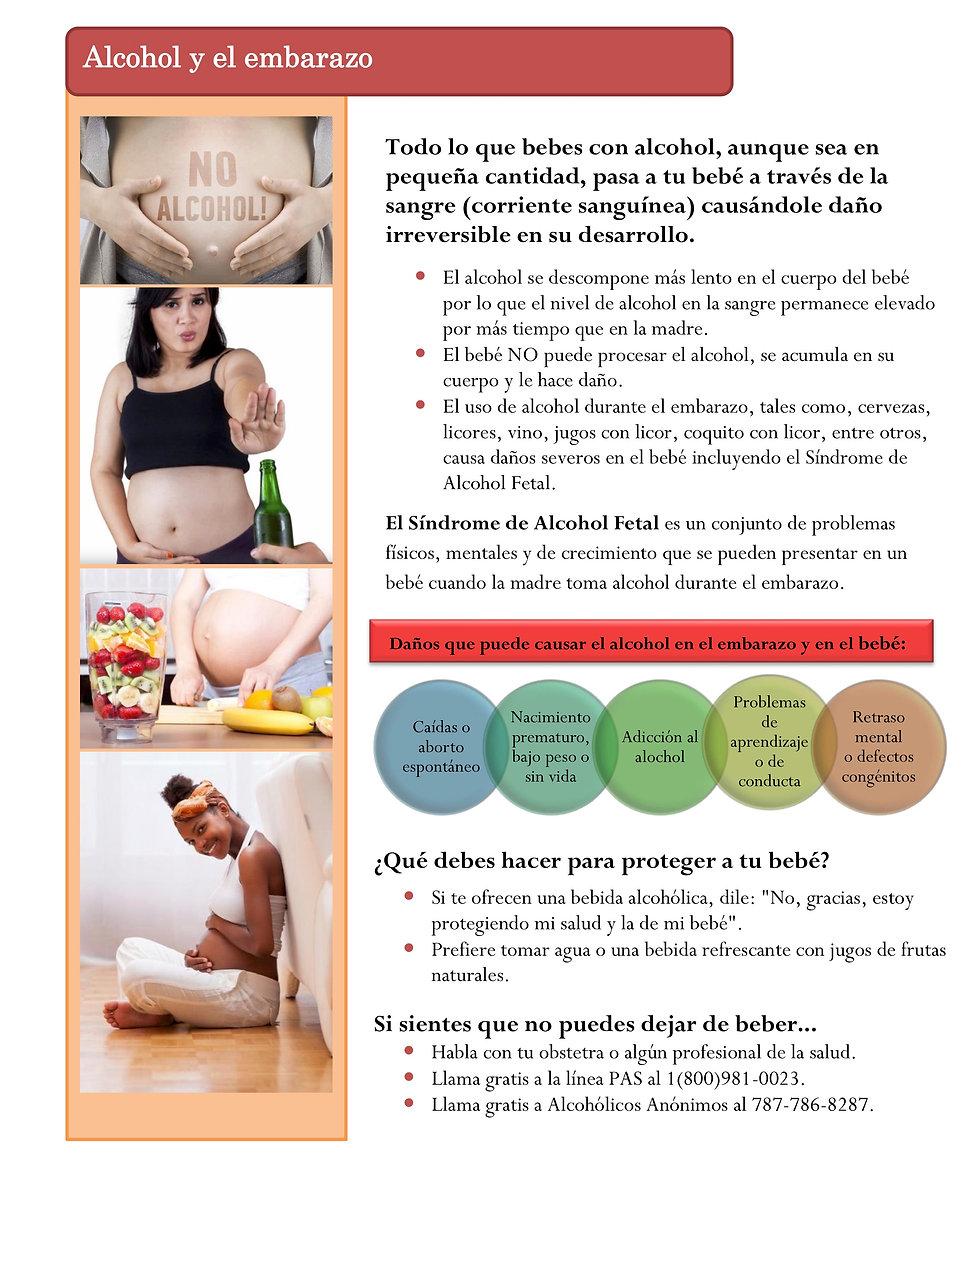 7. Alcohol y el embarazo 2018.jpg